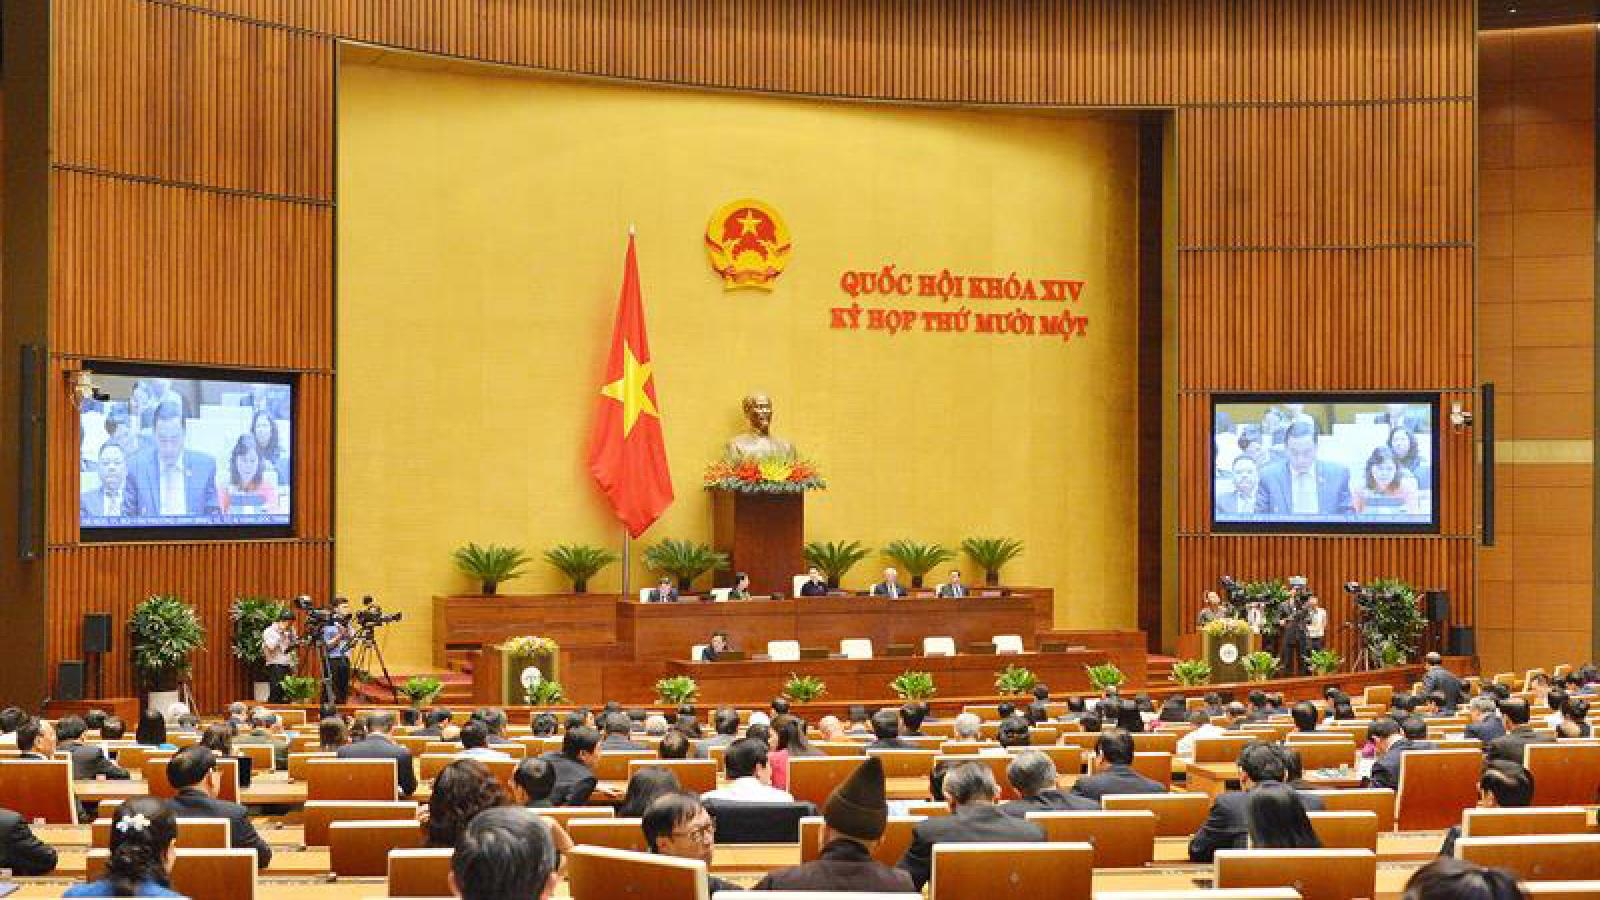 Nghị quyết về công tác nhiệm kỳ 2016-2021 của Quốc hội, Chủ tịch nước, Thủ tướng